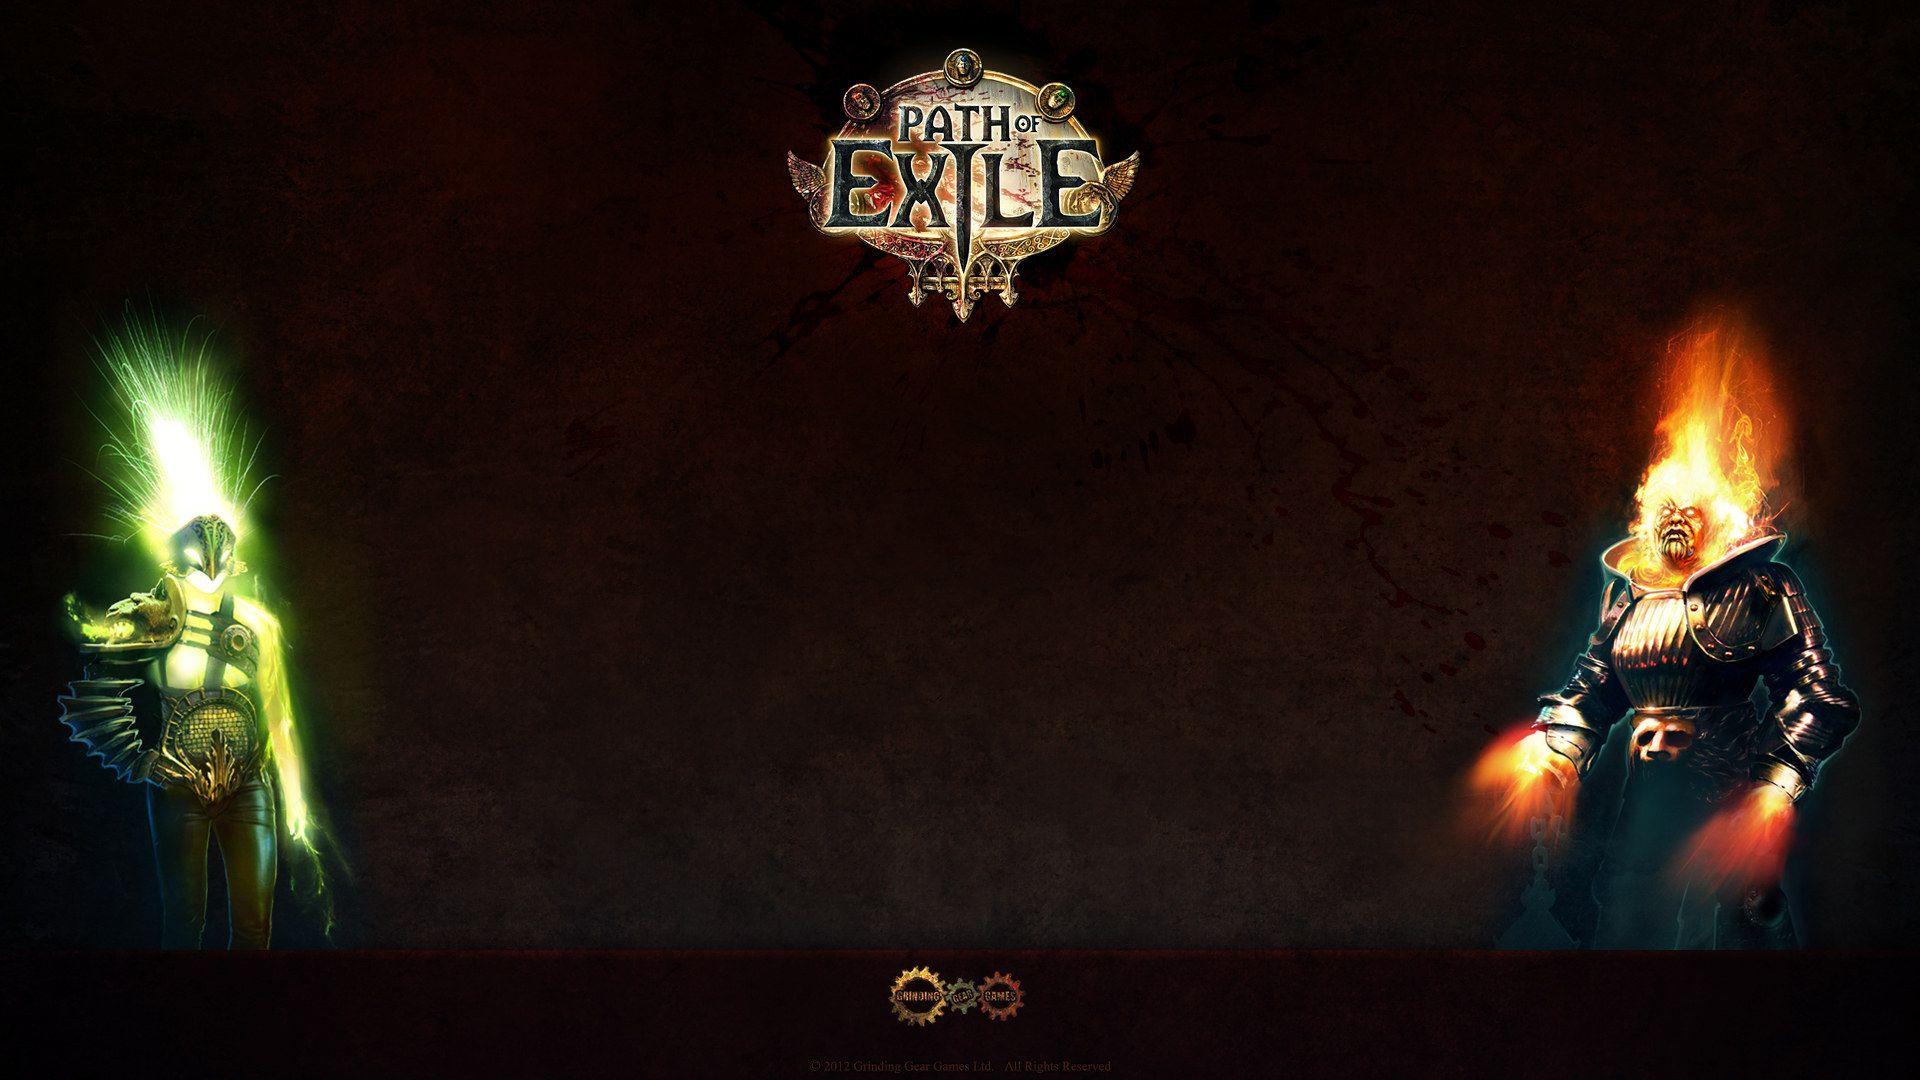 Poe background image